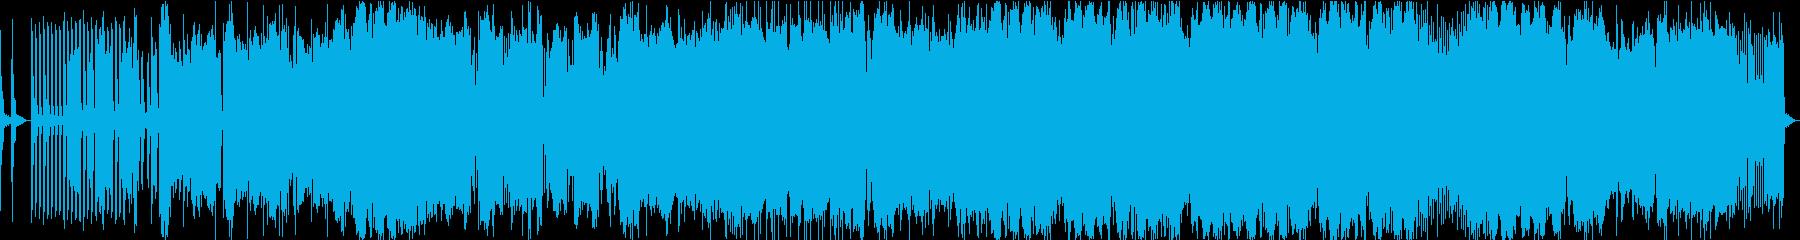 おしゃれなエレクトロですの再生済みの波形